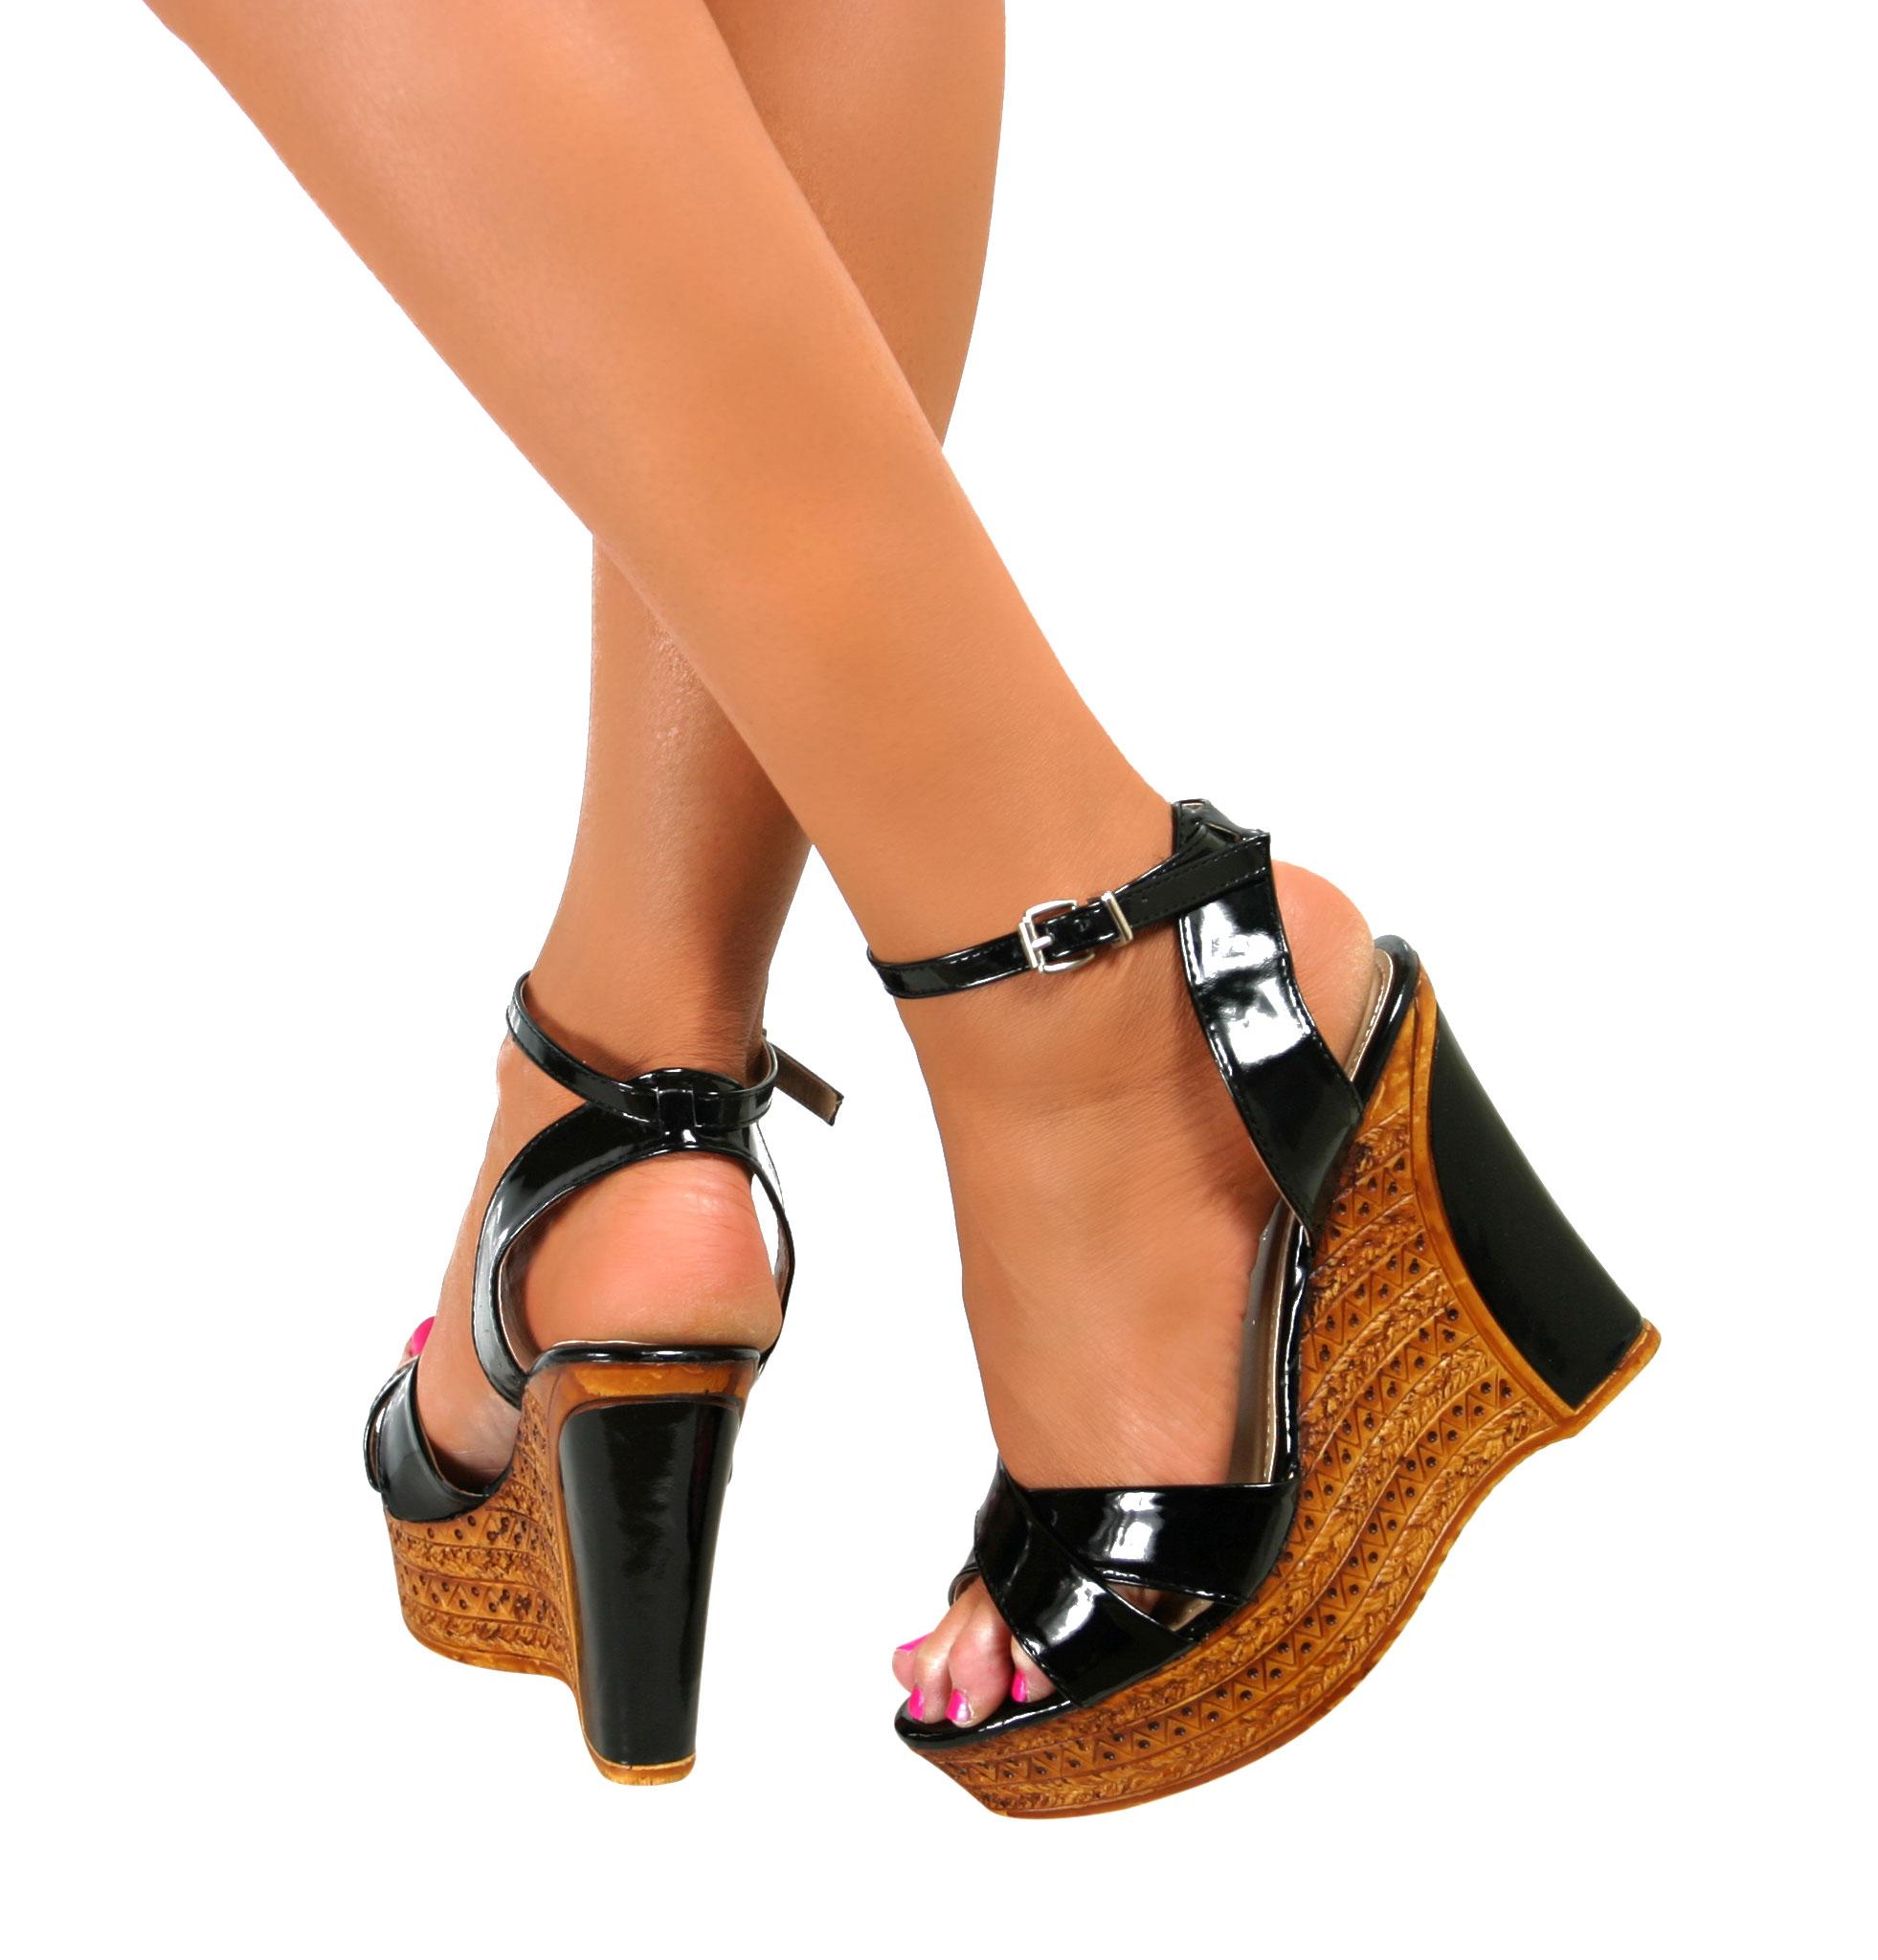 Ladies Peep Toe High Wedge Heel Platform Strappy Ankle ...